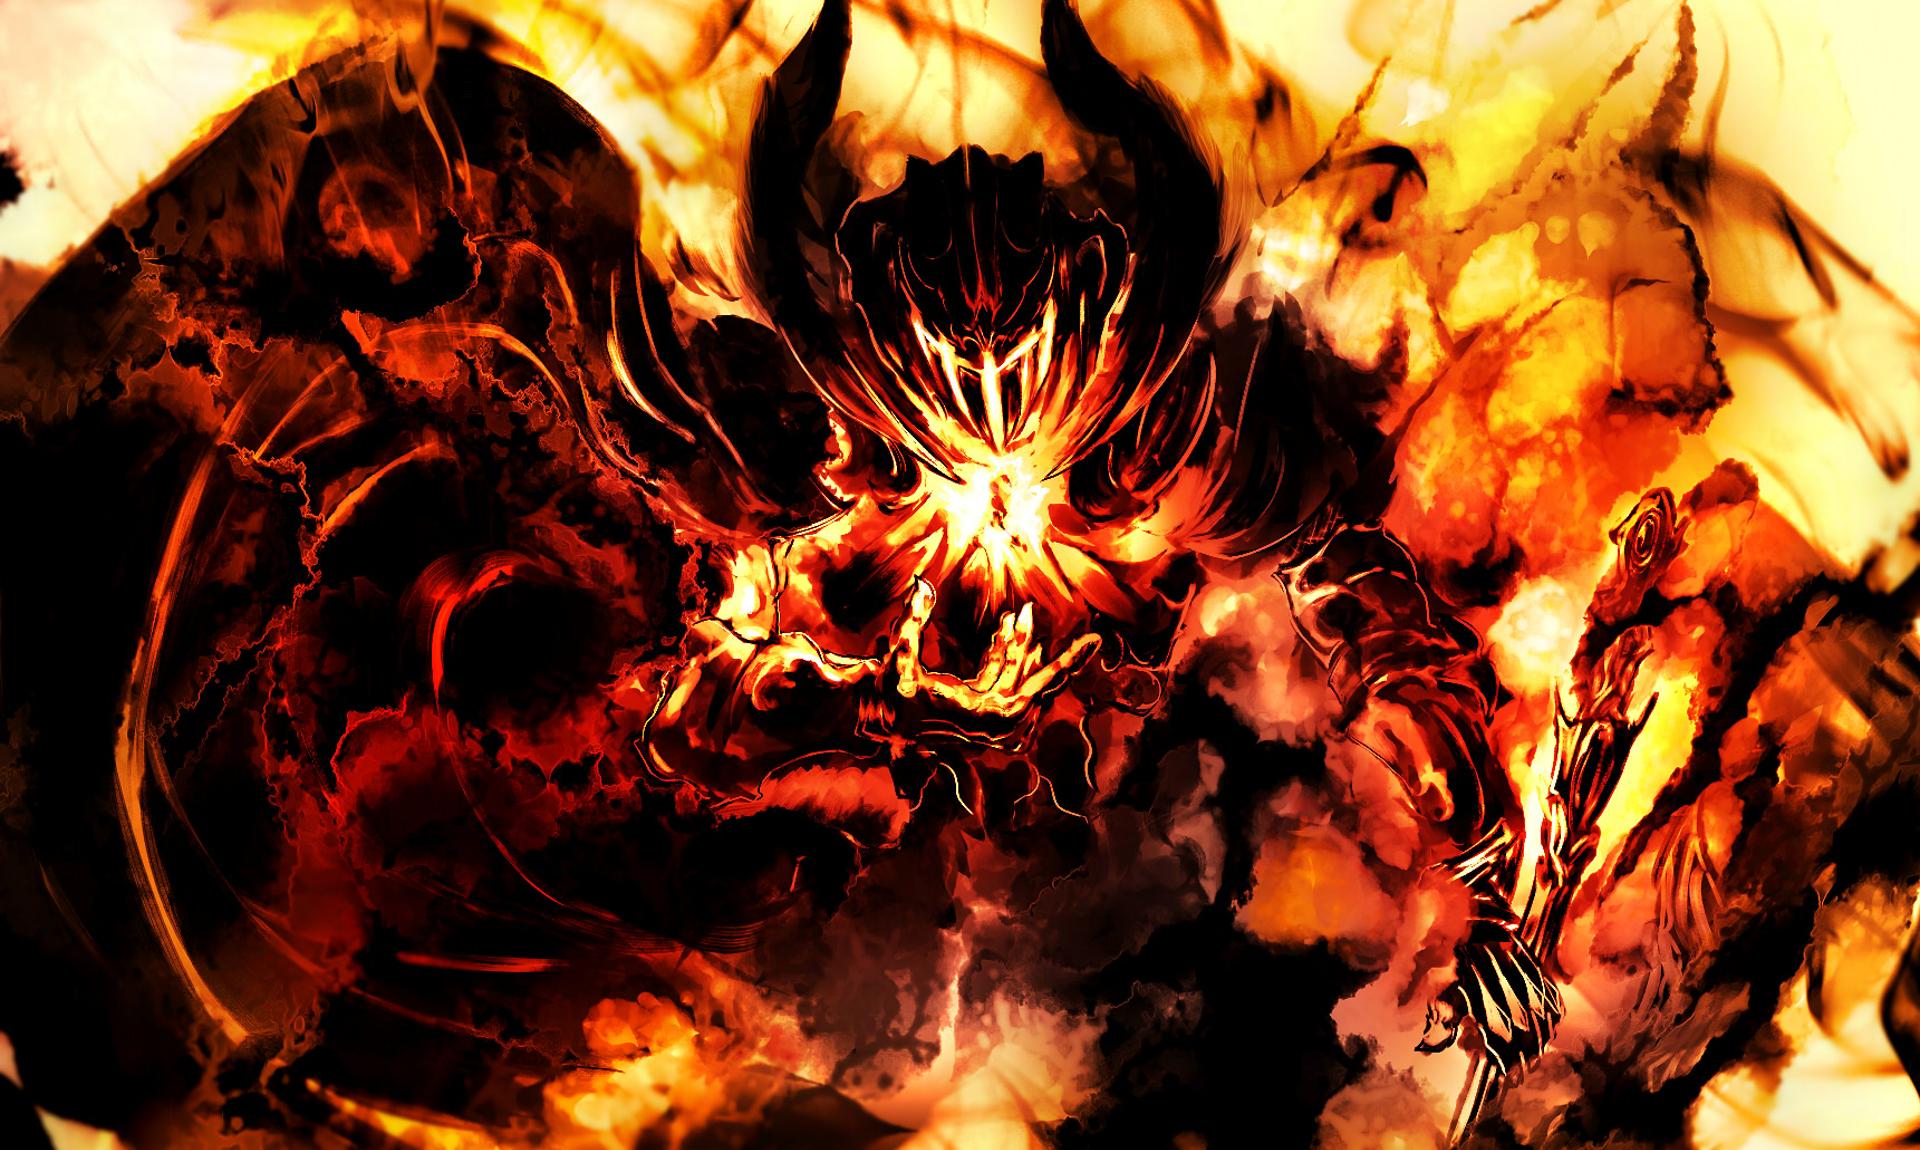 Final fantasy xiv a realm reborn hd wallpaper - Ffxiv wallpaper ...